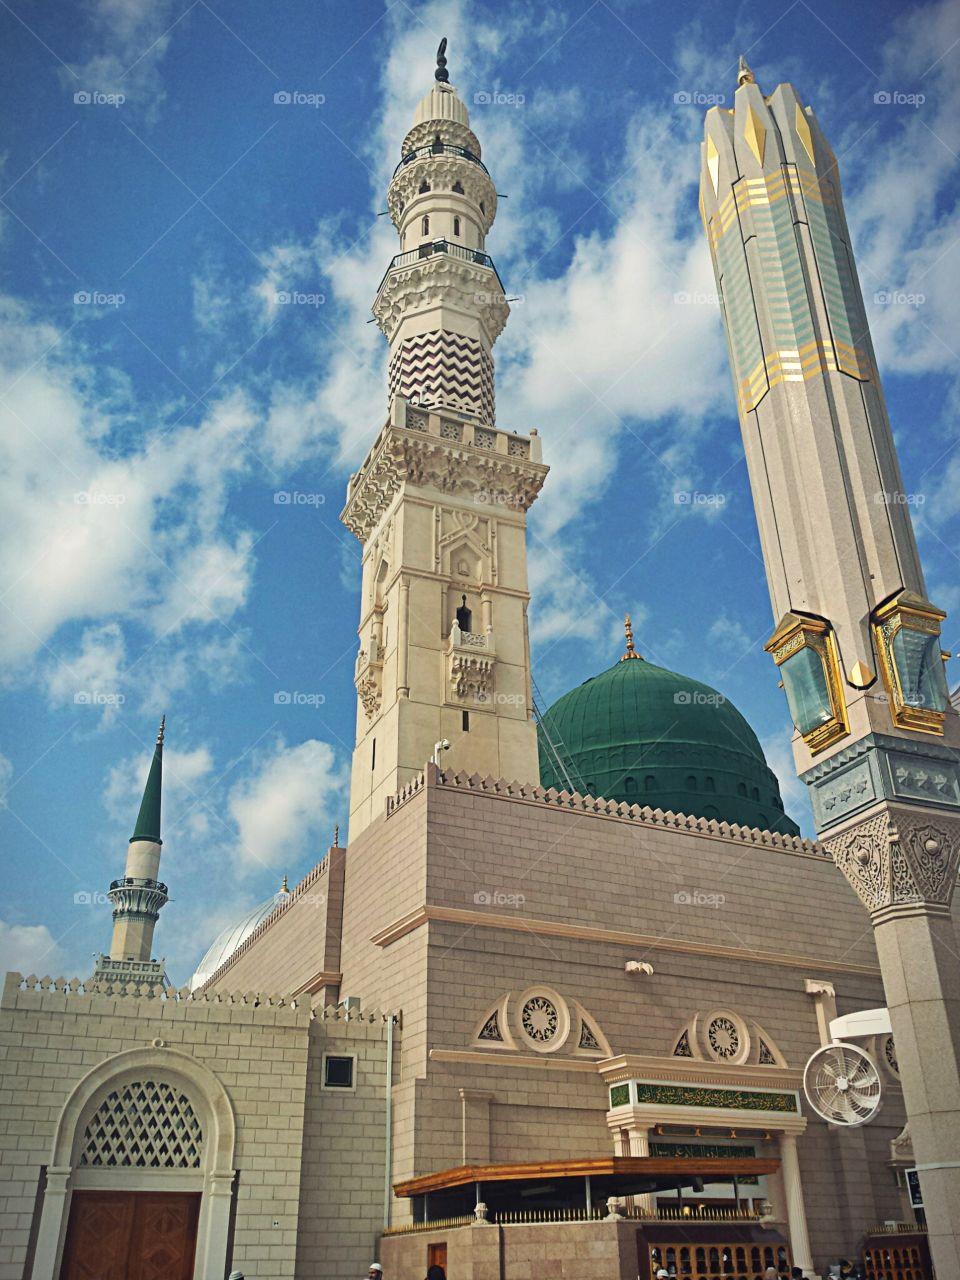 المسجد النبوي. المدينة المنورة. السعودية  Al masjid al nabawi,  al madina , Saudi Arabia